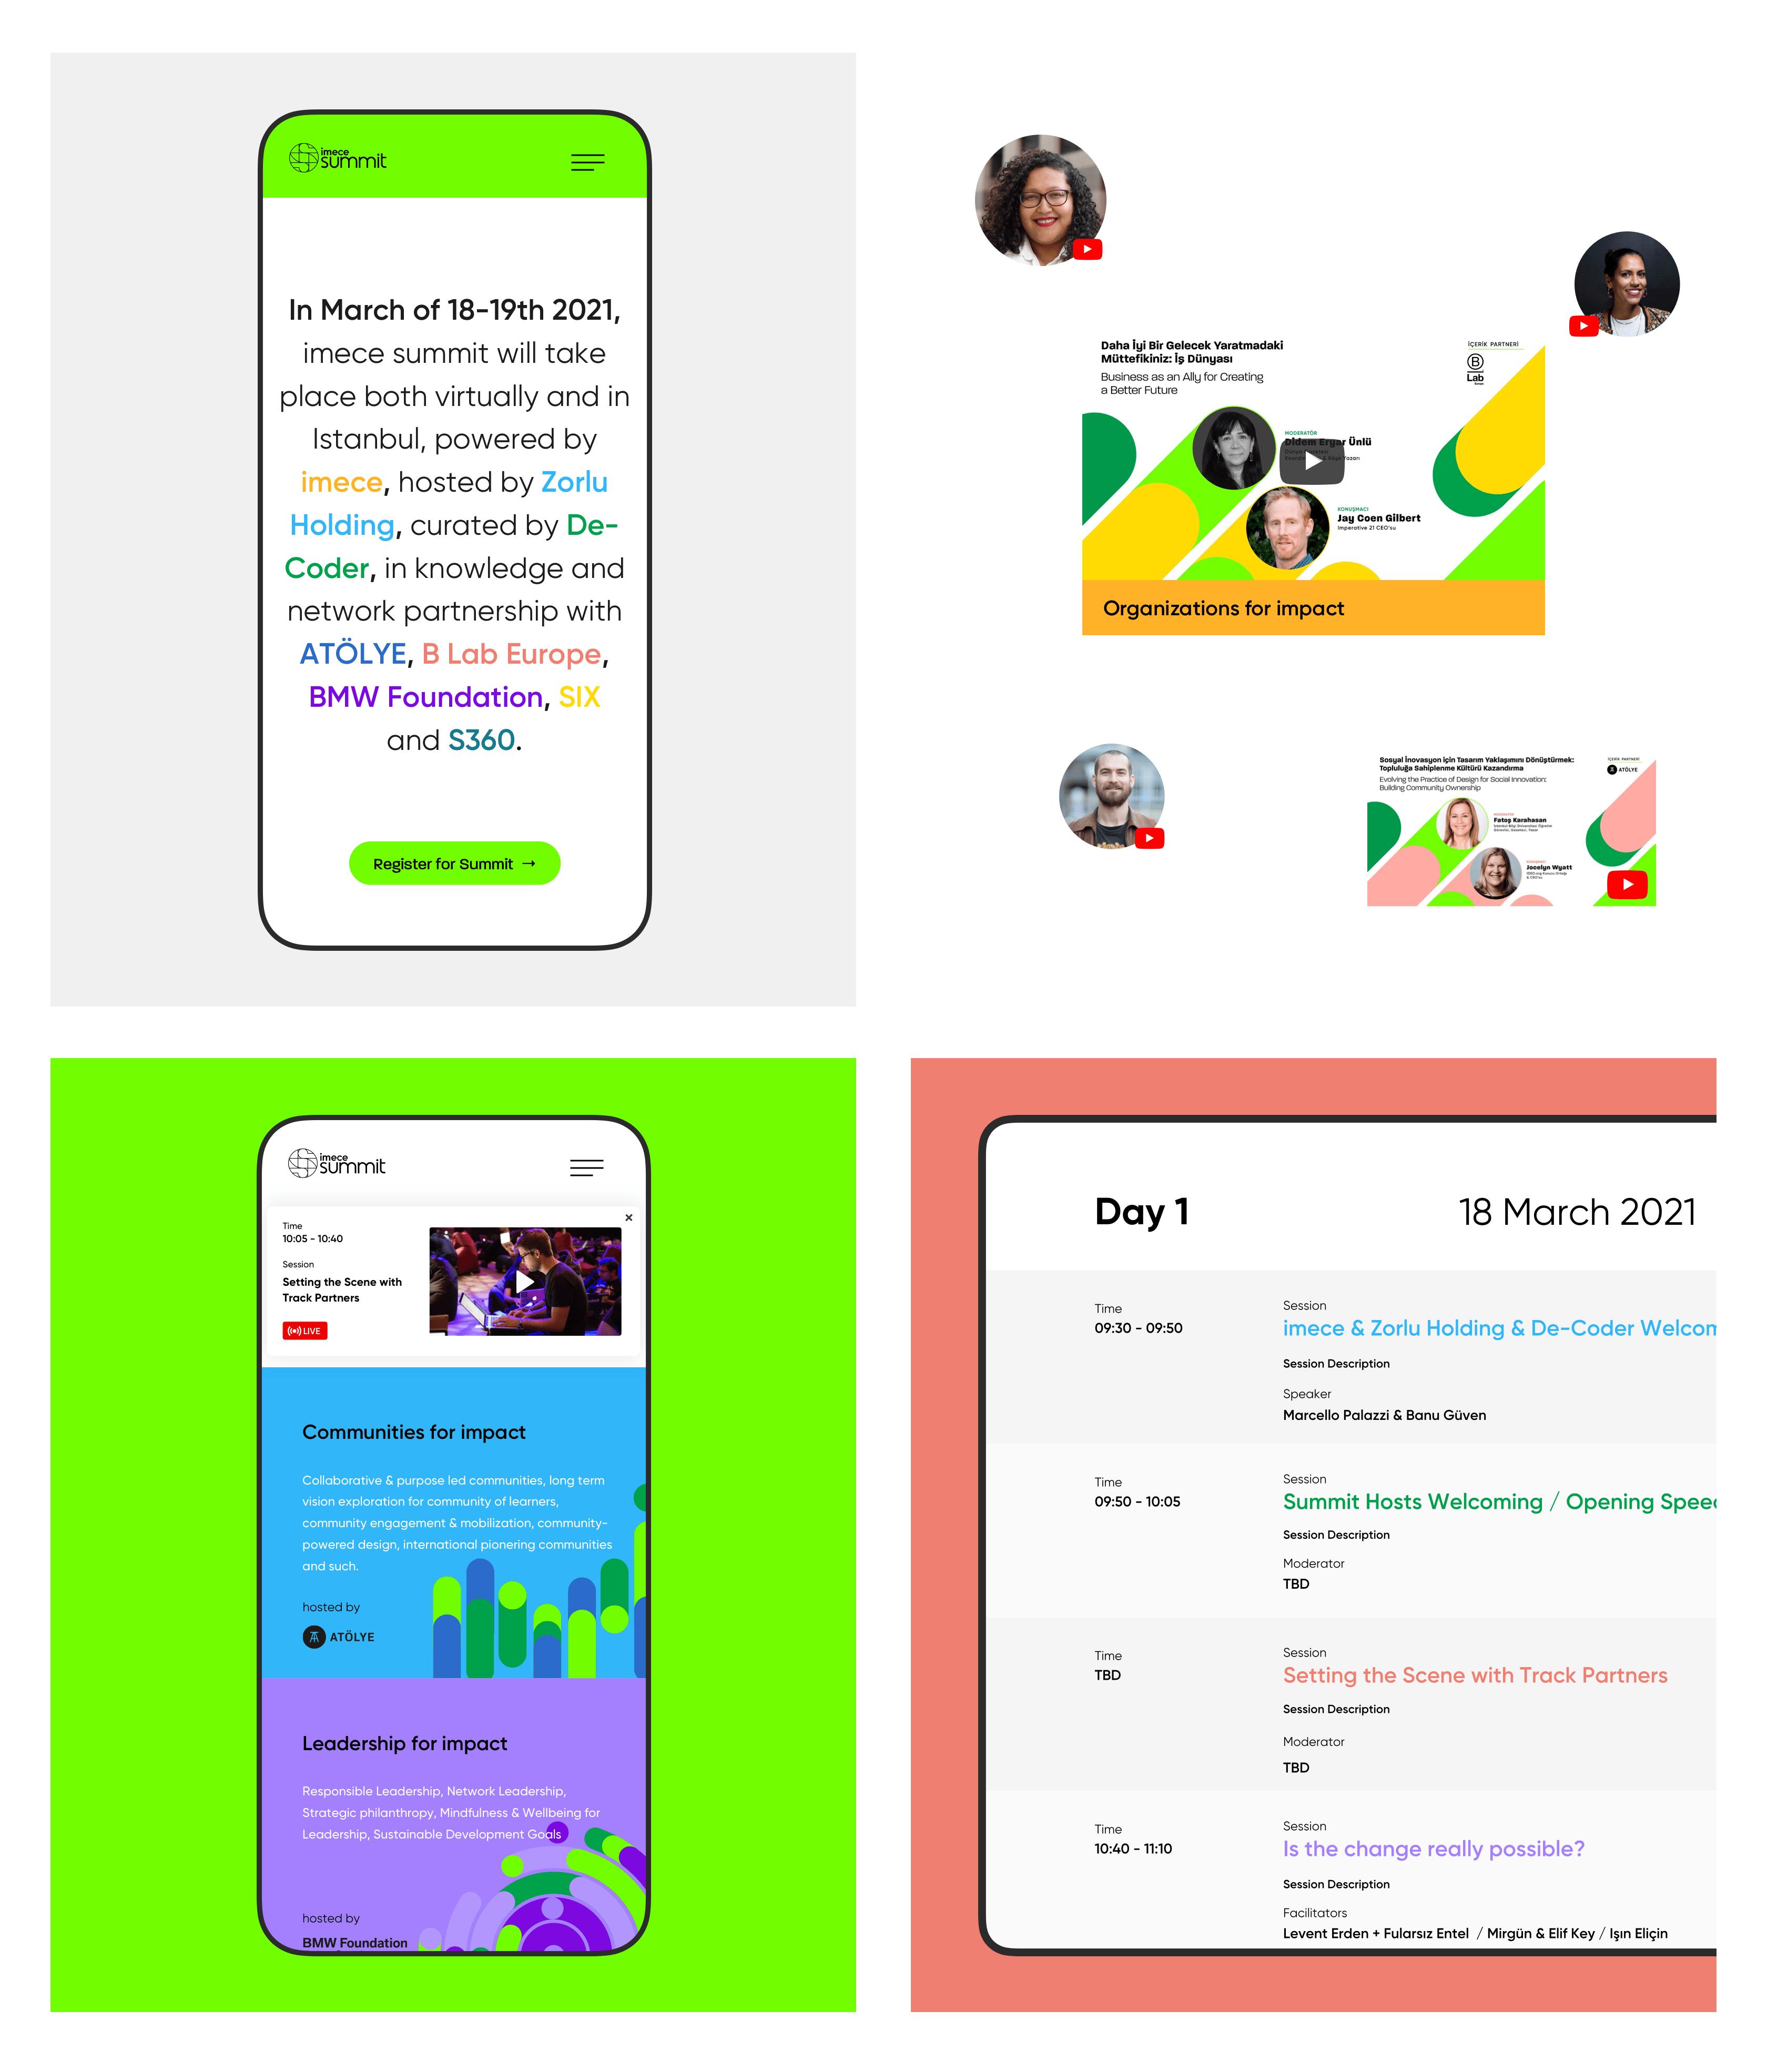 imece-summit-gokten-tut-website-detail-5